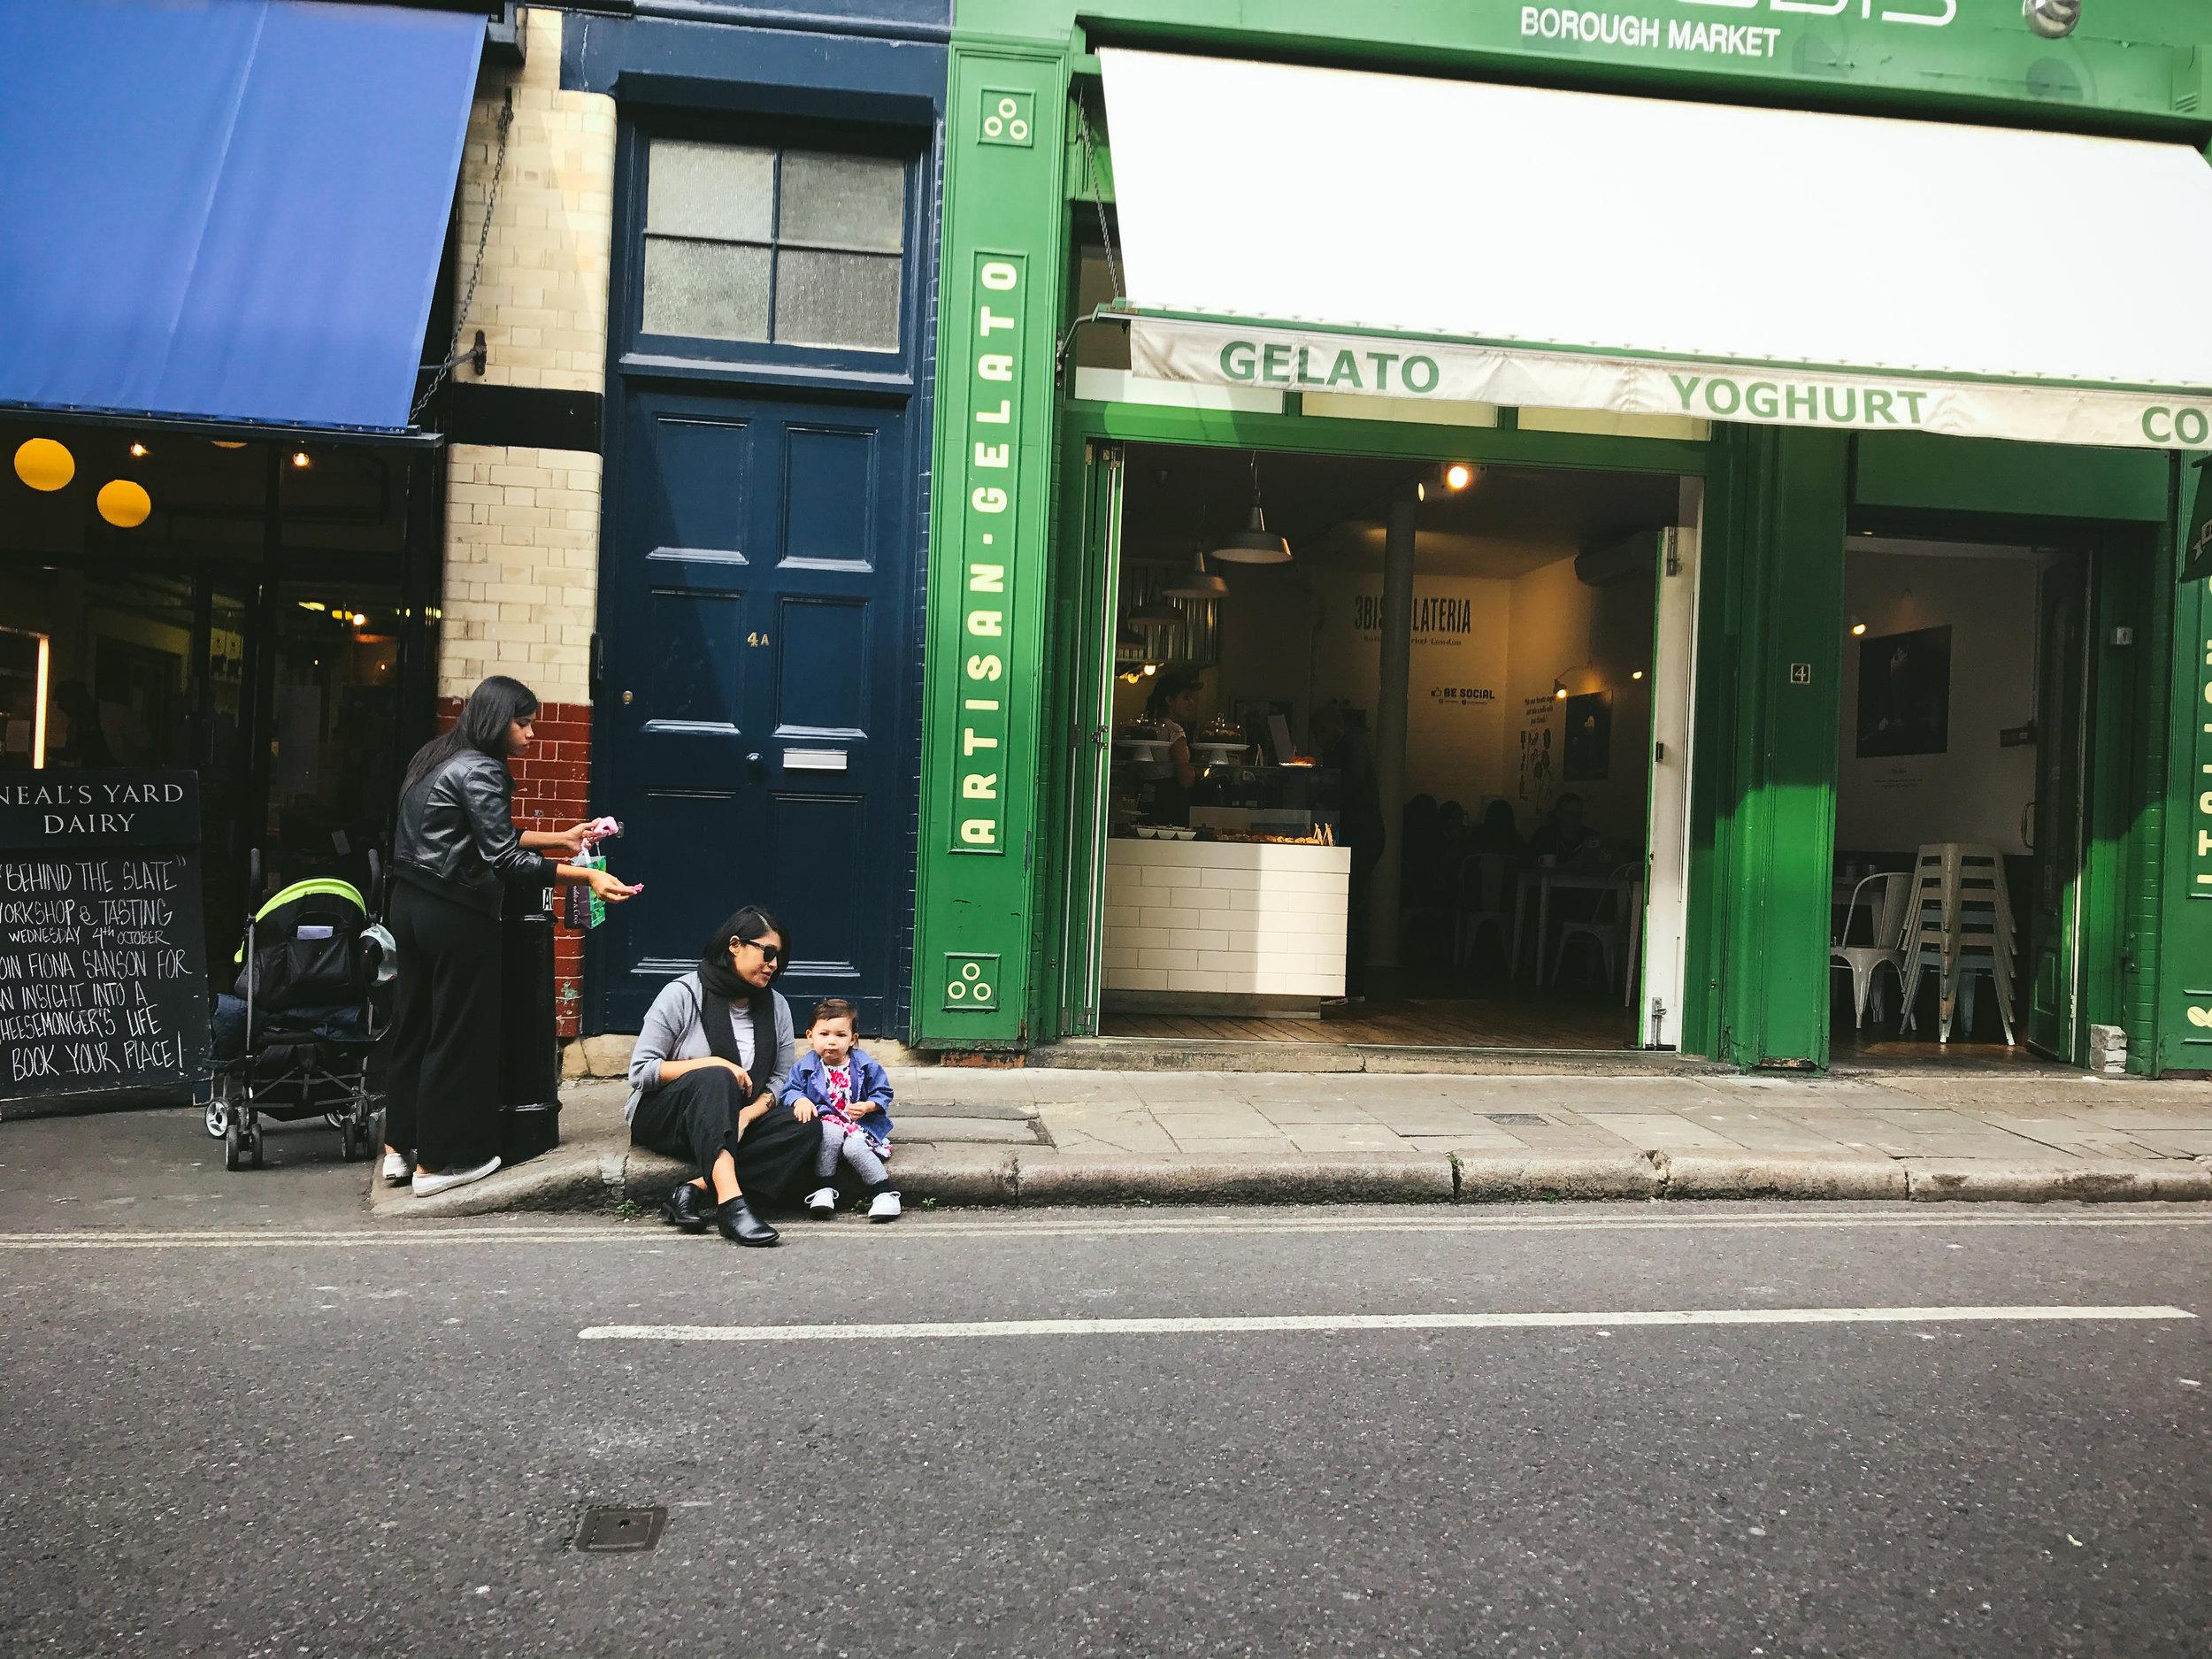 London Part II